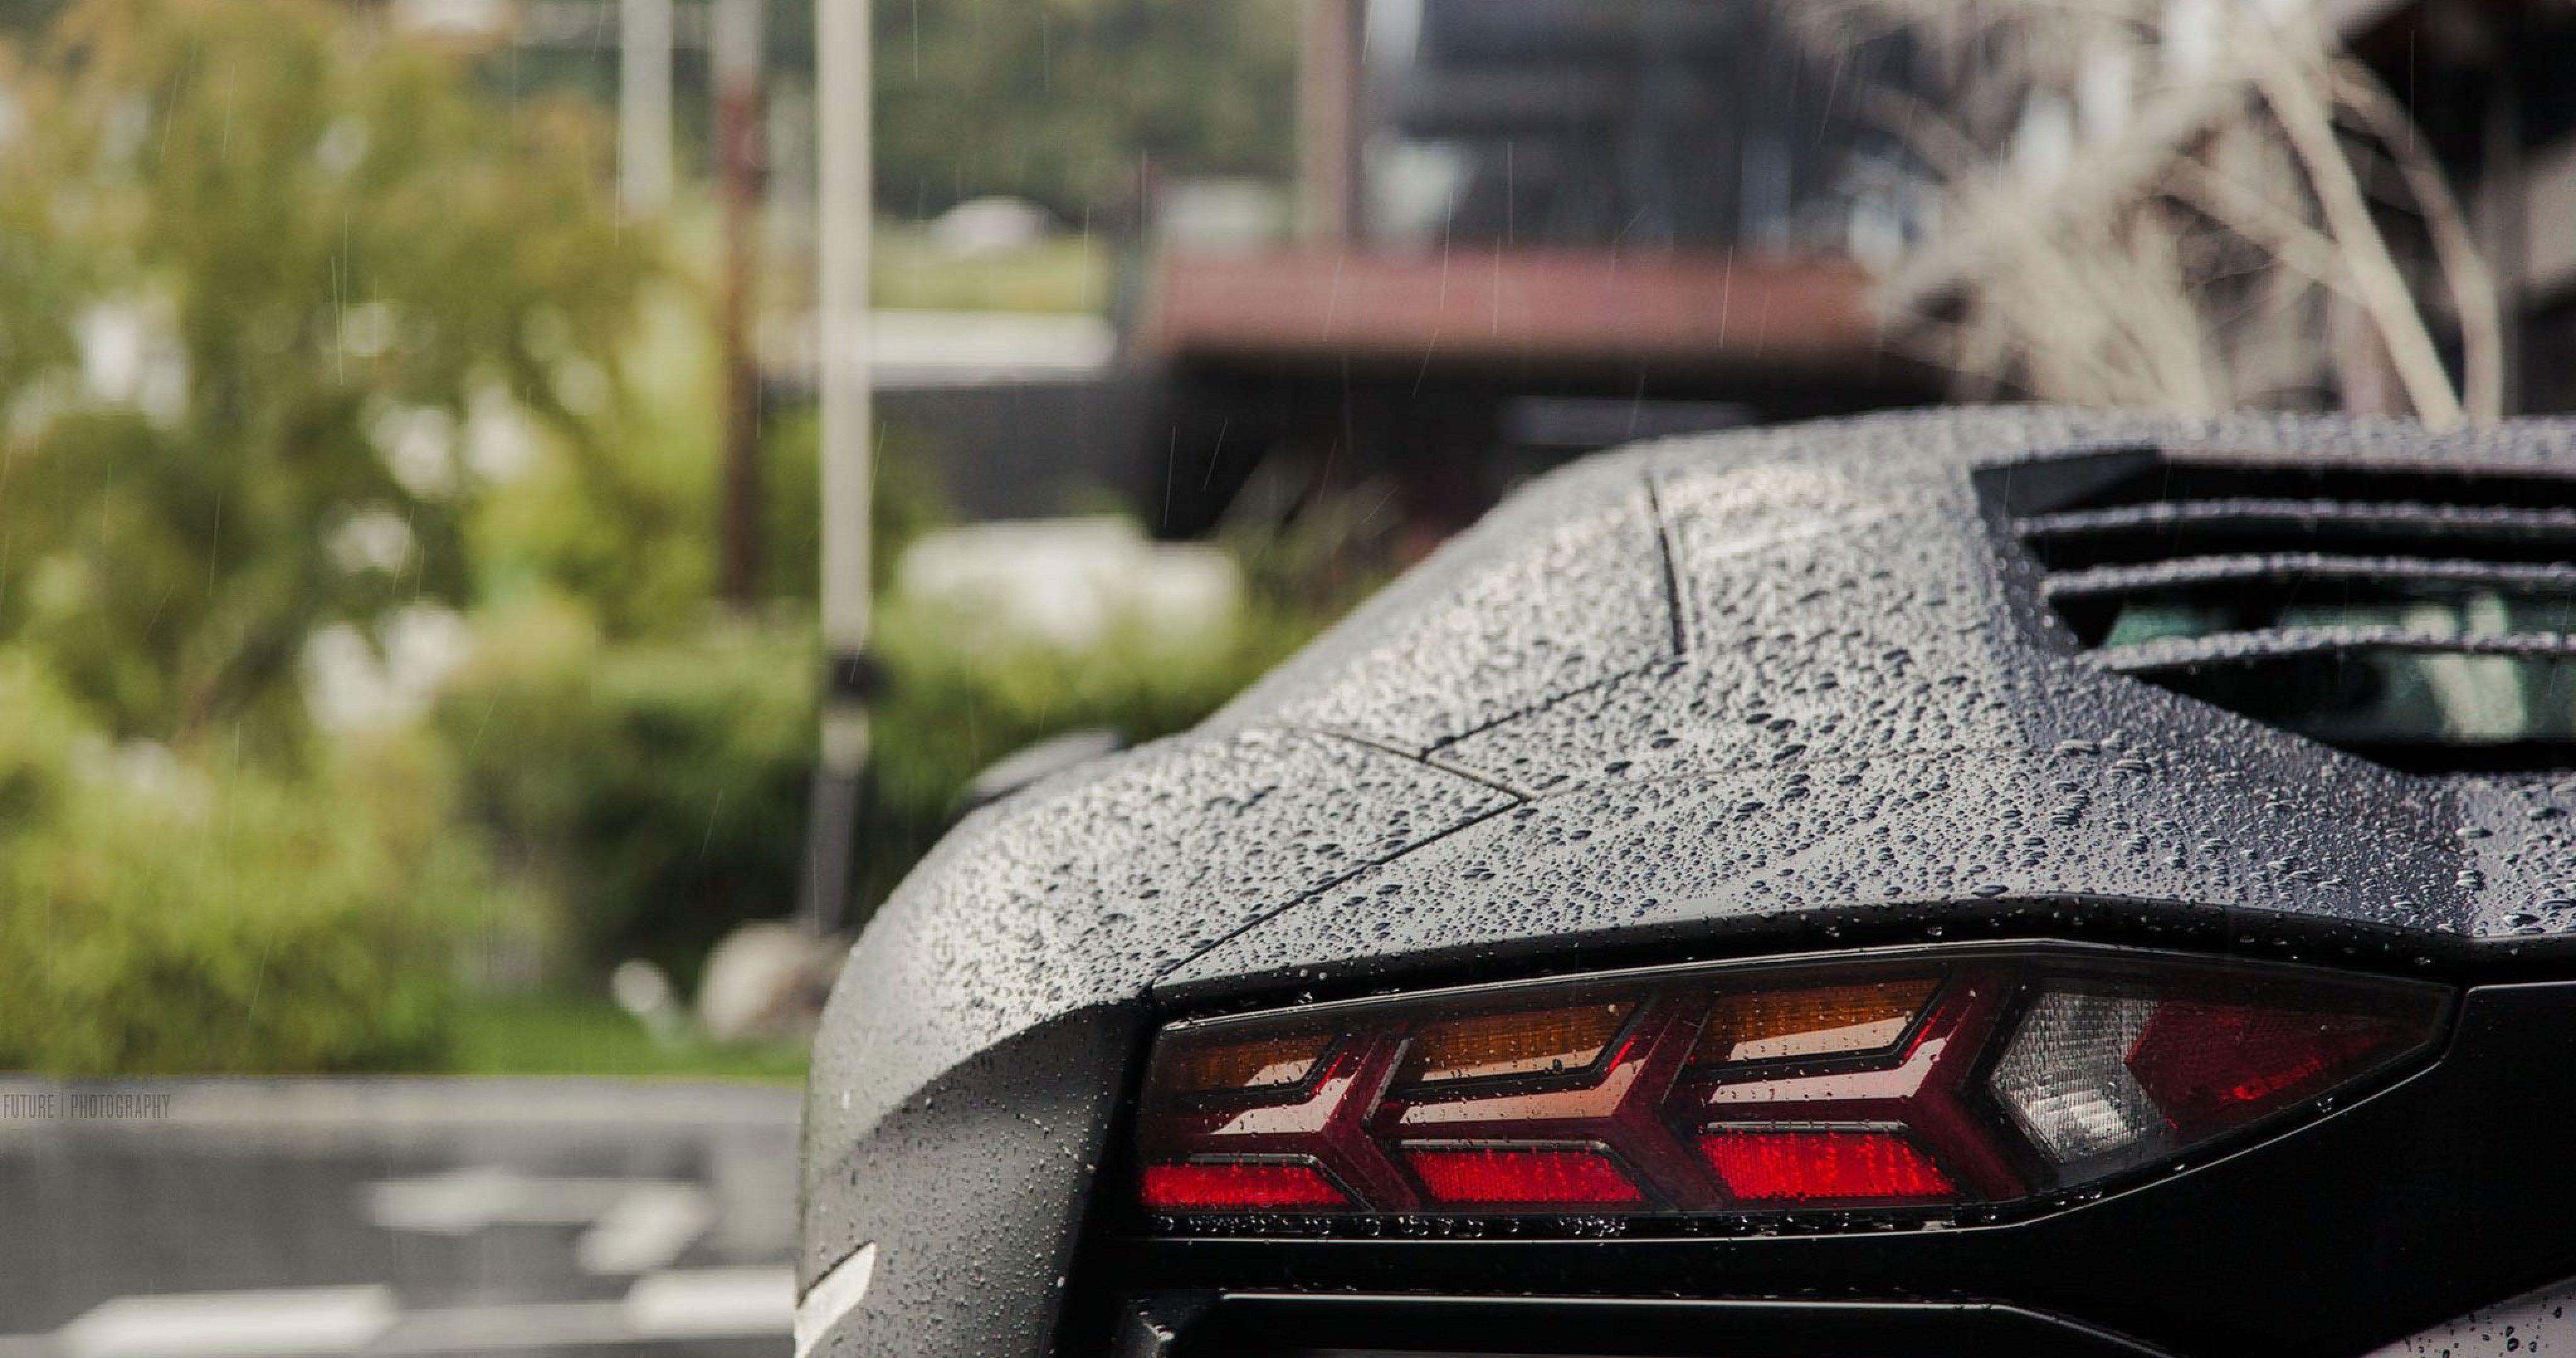 Lamborghini In Rain 4k Ultra Hd Wallpaper Lamborghini Lamborghini Aventador Ultra Hd